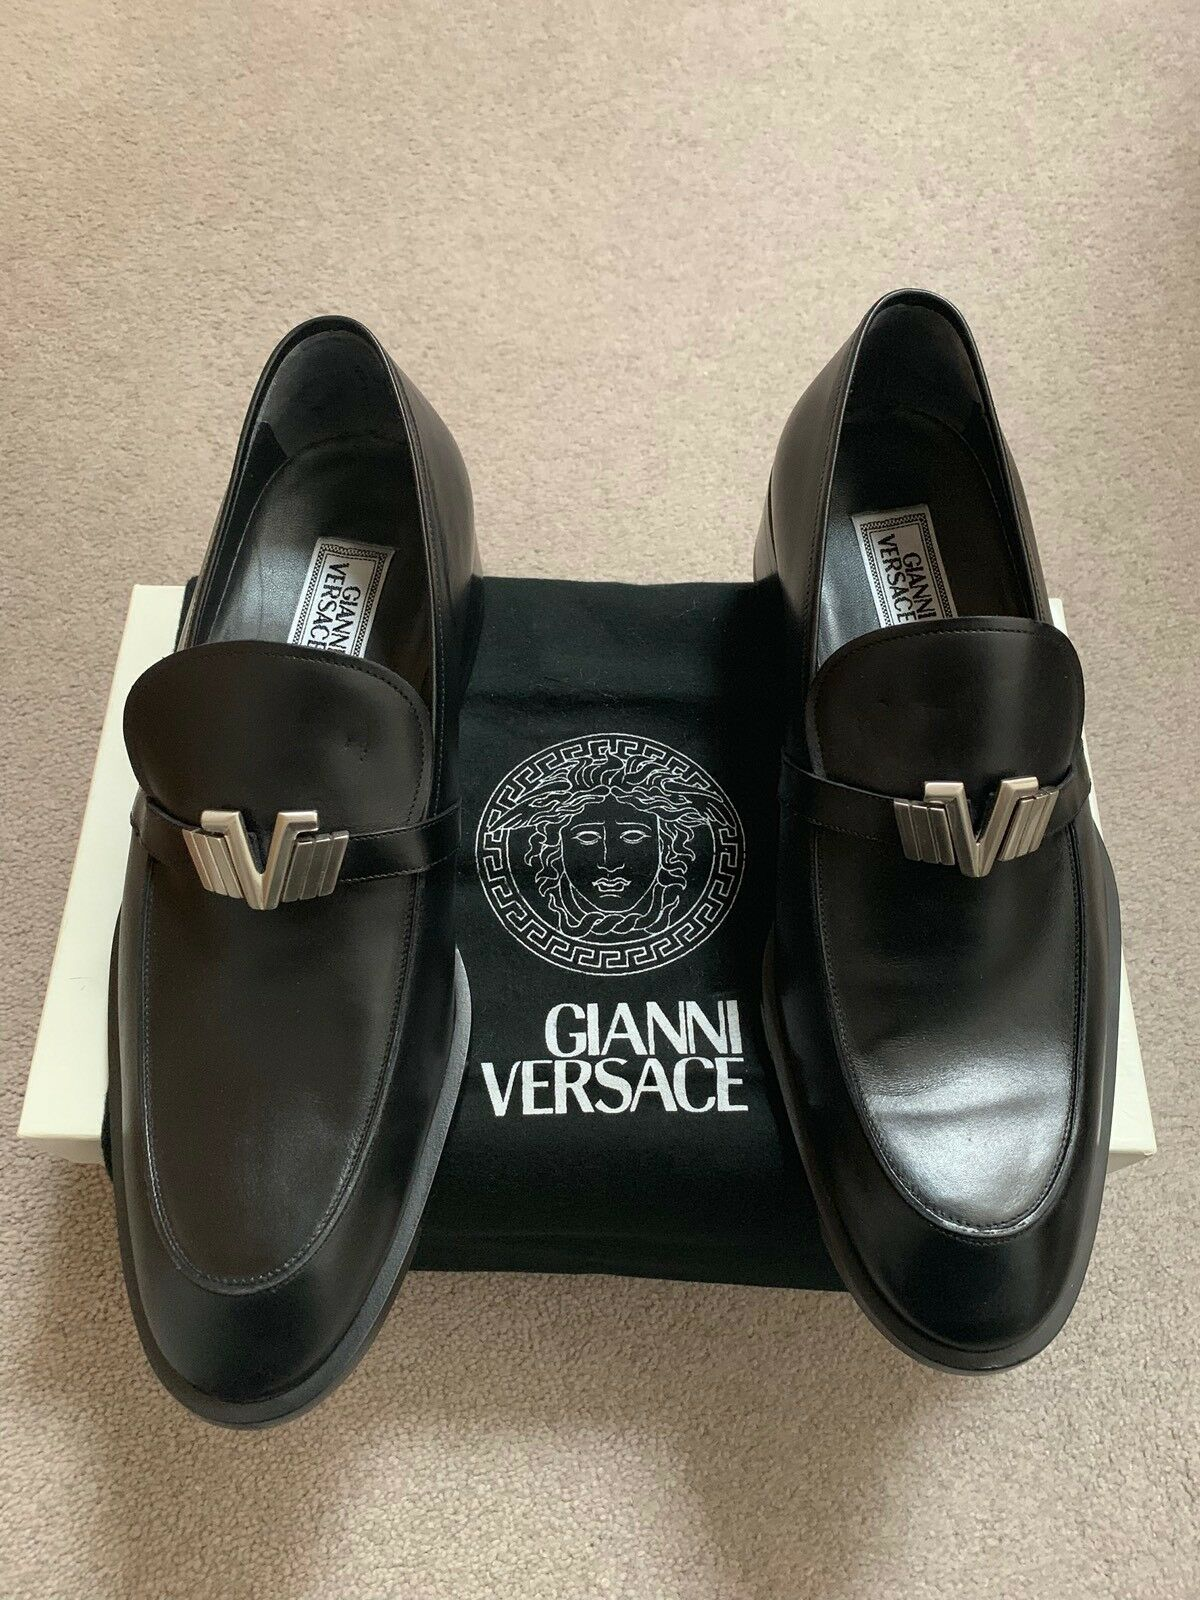 Scarpe da uomo Gianni Versace misura 8 Regno Unito Vintage